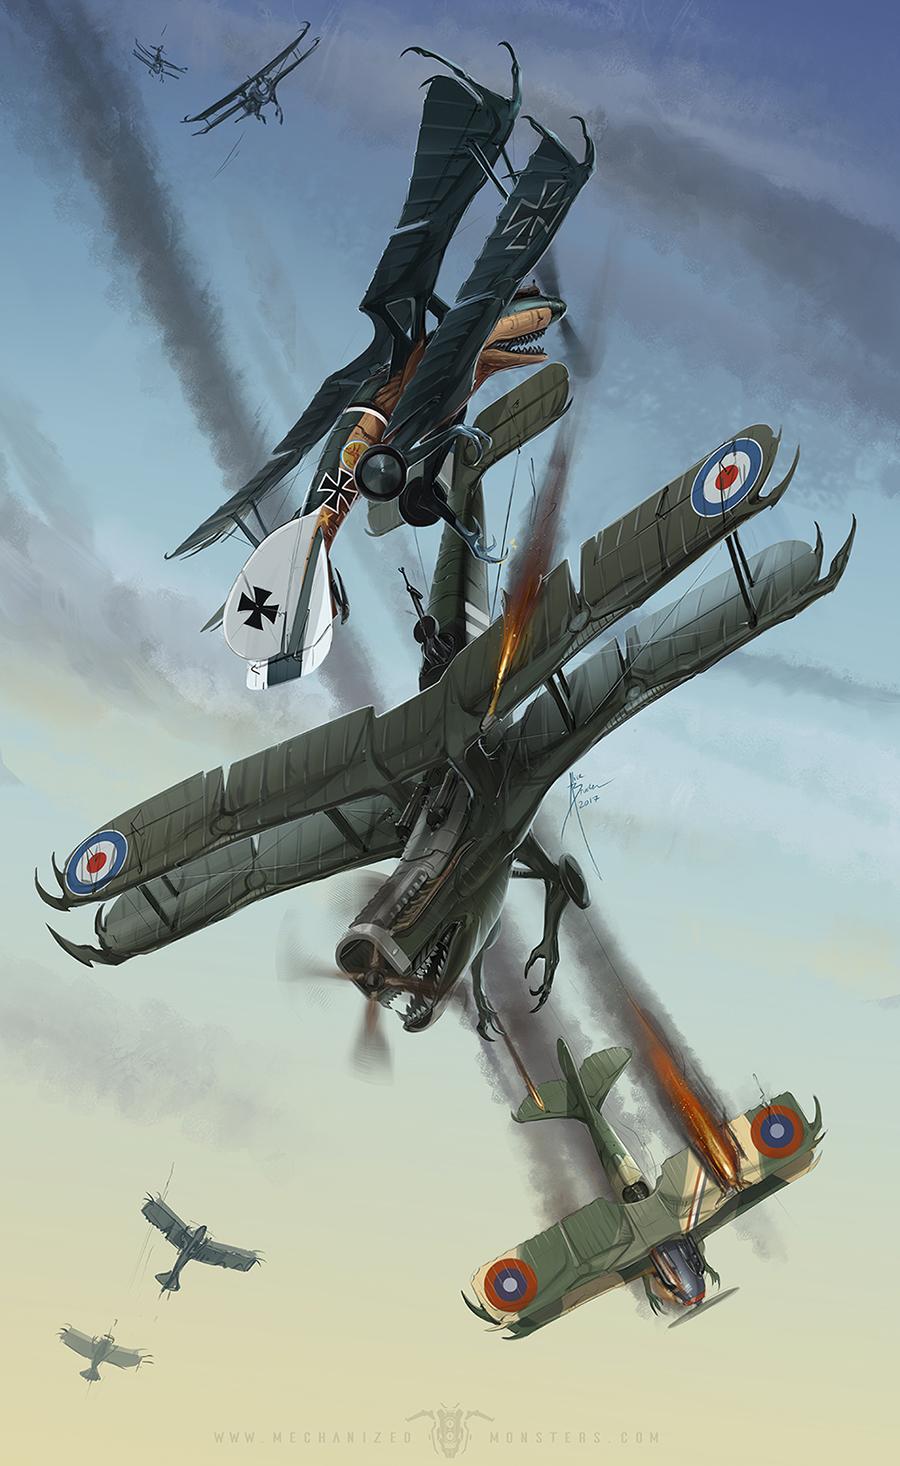 WWI dogfight 7-fullrez-mARKED-900.jpg